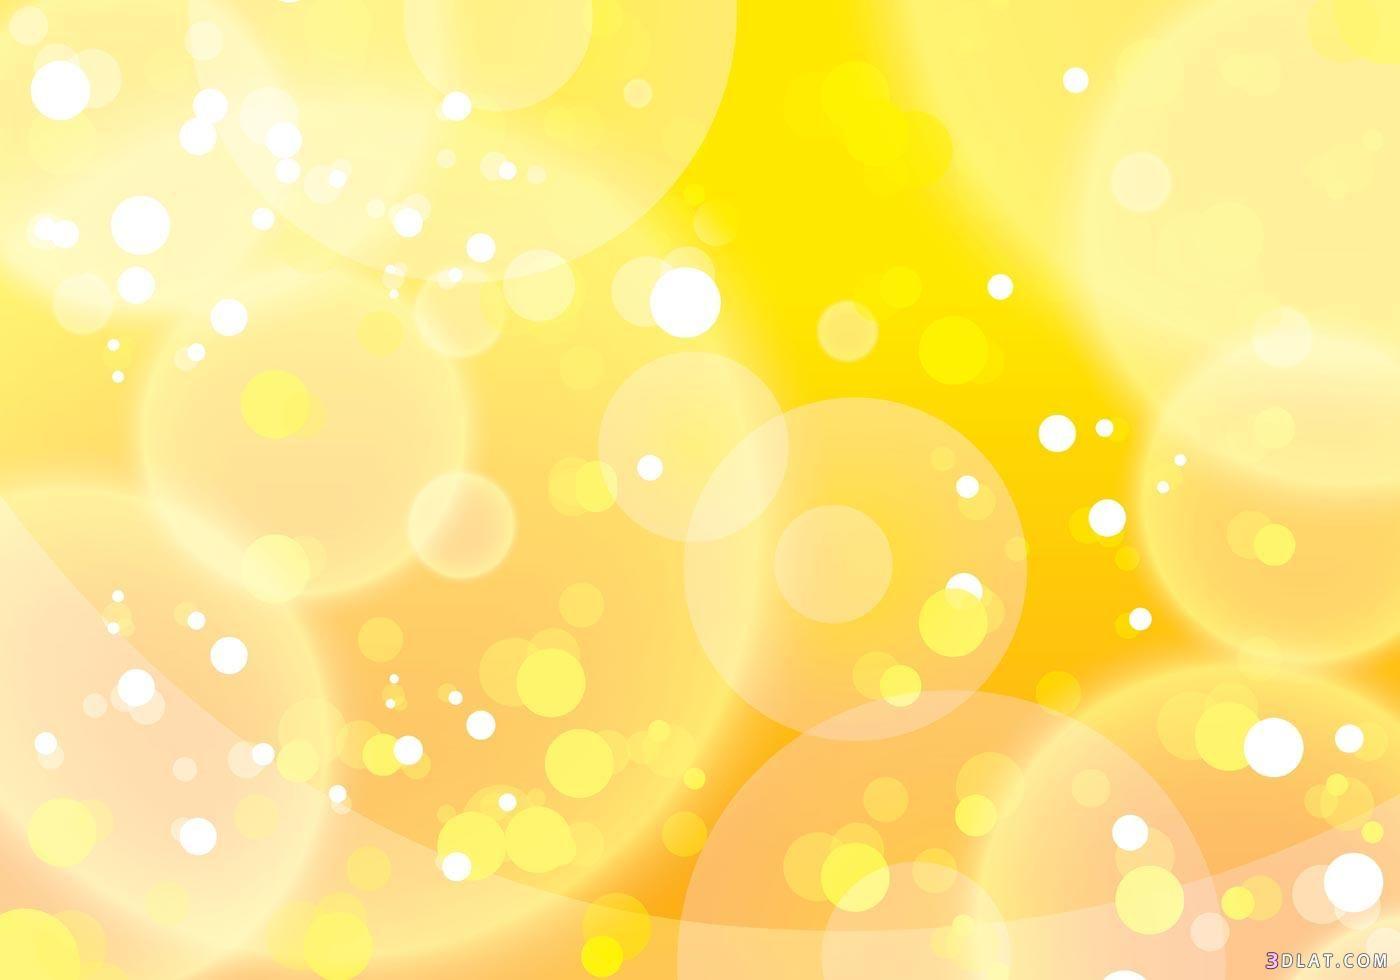 خلفيات للتصميم غاية في الروعة و الجمال 2018 أجمل الخلفيات لأجمل التصاميم Vector Art Design Bokeh Background Yellow Background